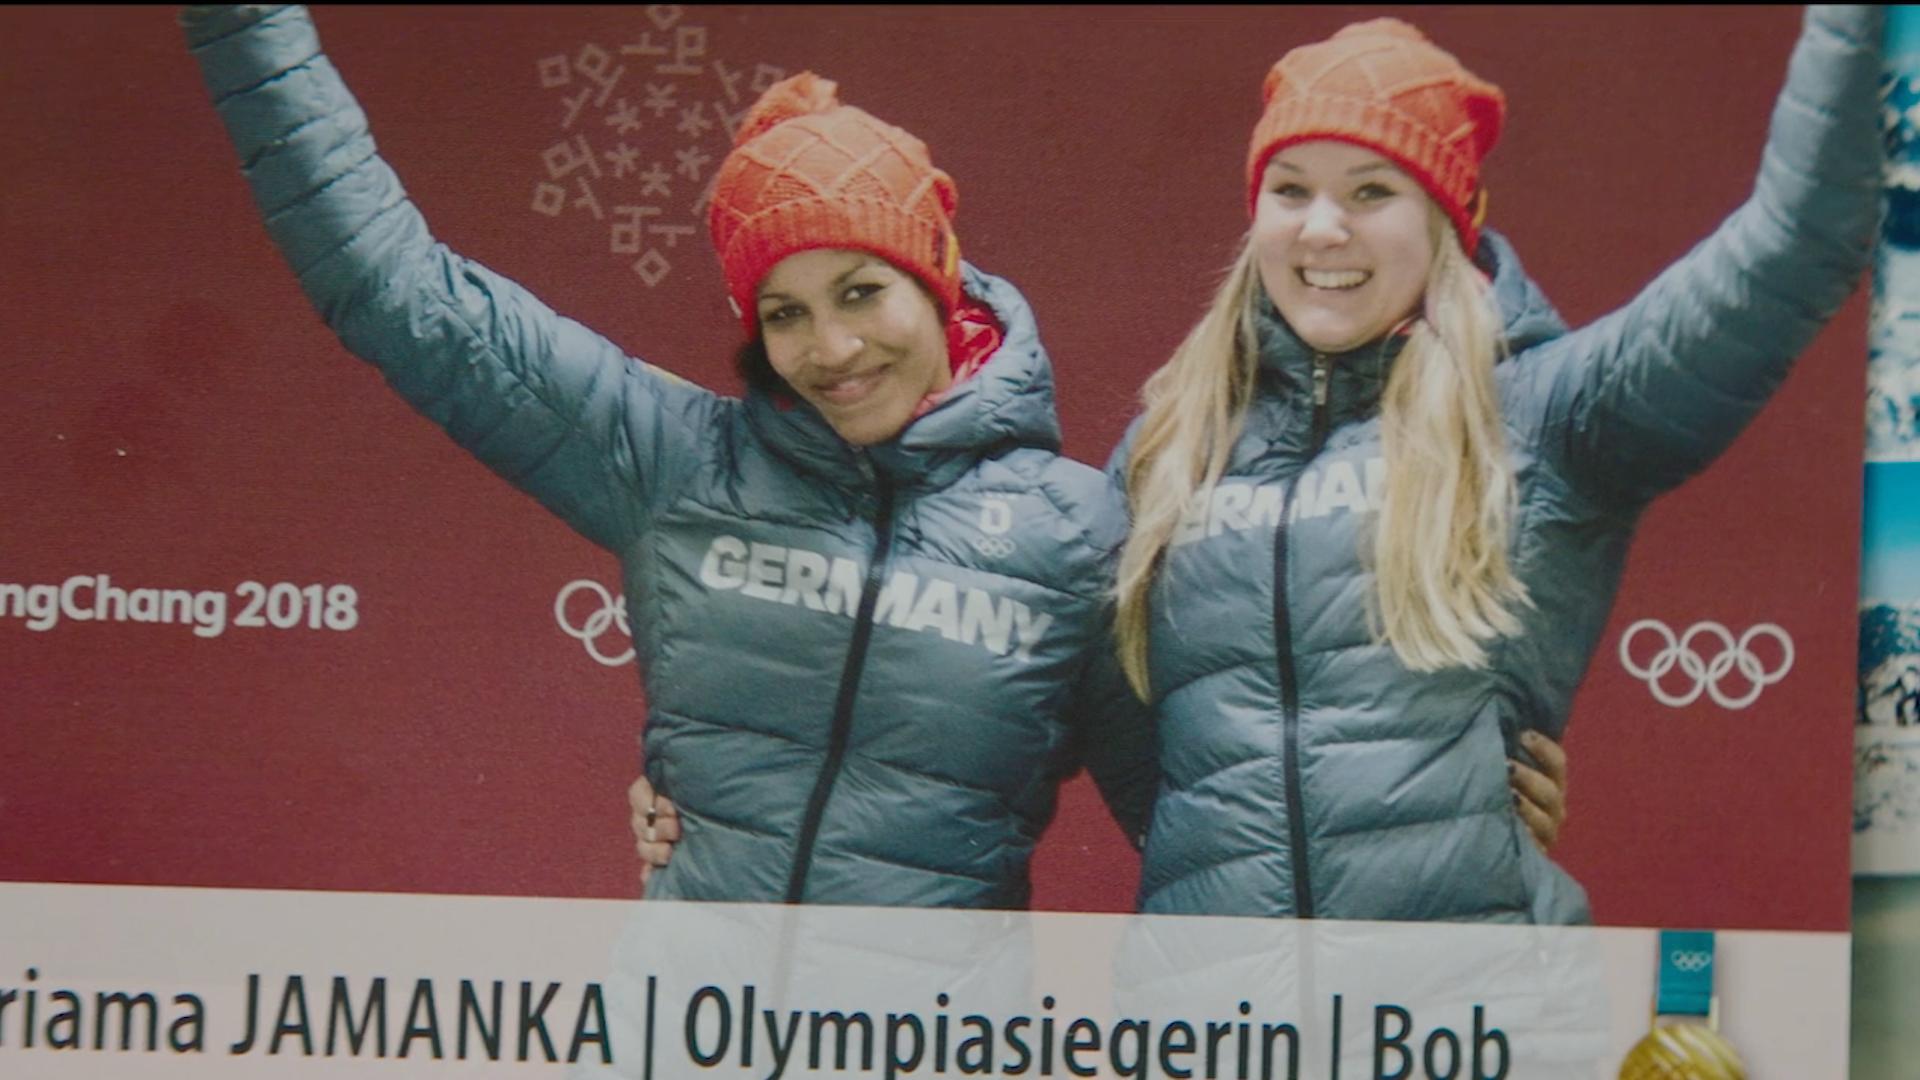 Google: Olympic winner - Mariama Jamanka